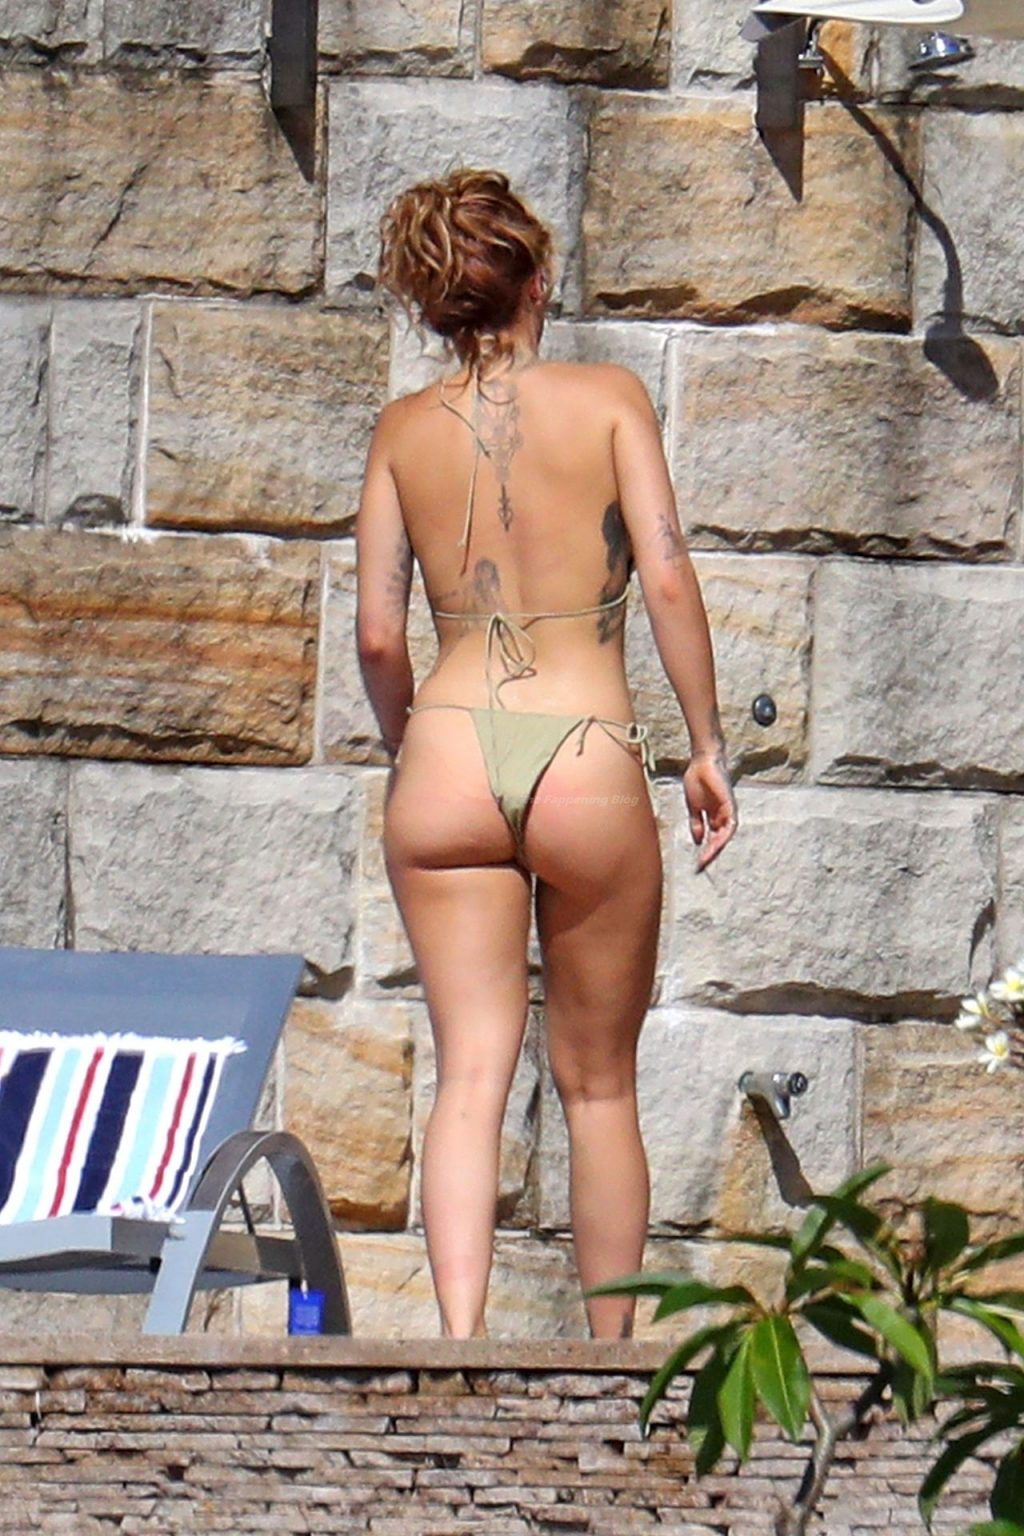 Rita Ora Displays Her Nude Tits and Sexy Bikini Body in Sydney (72 Photos)